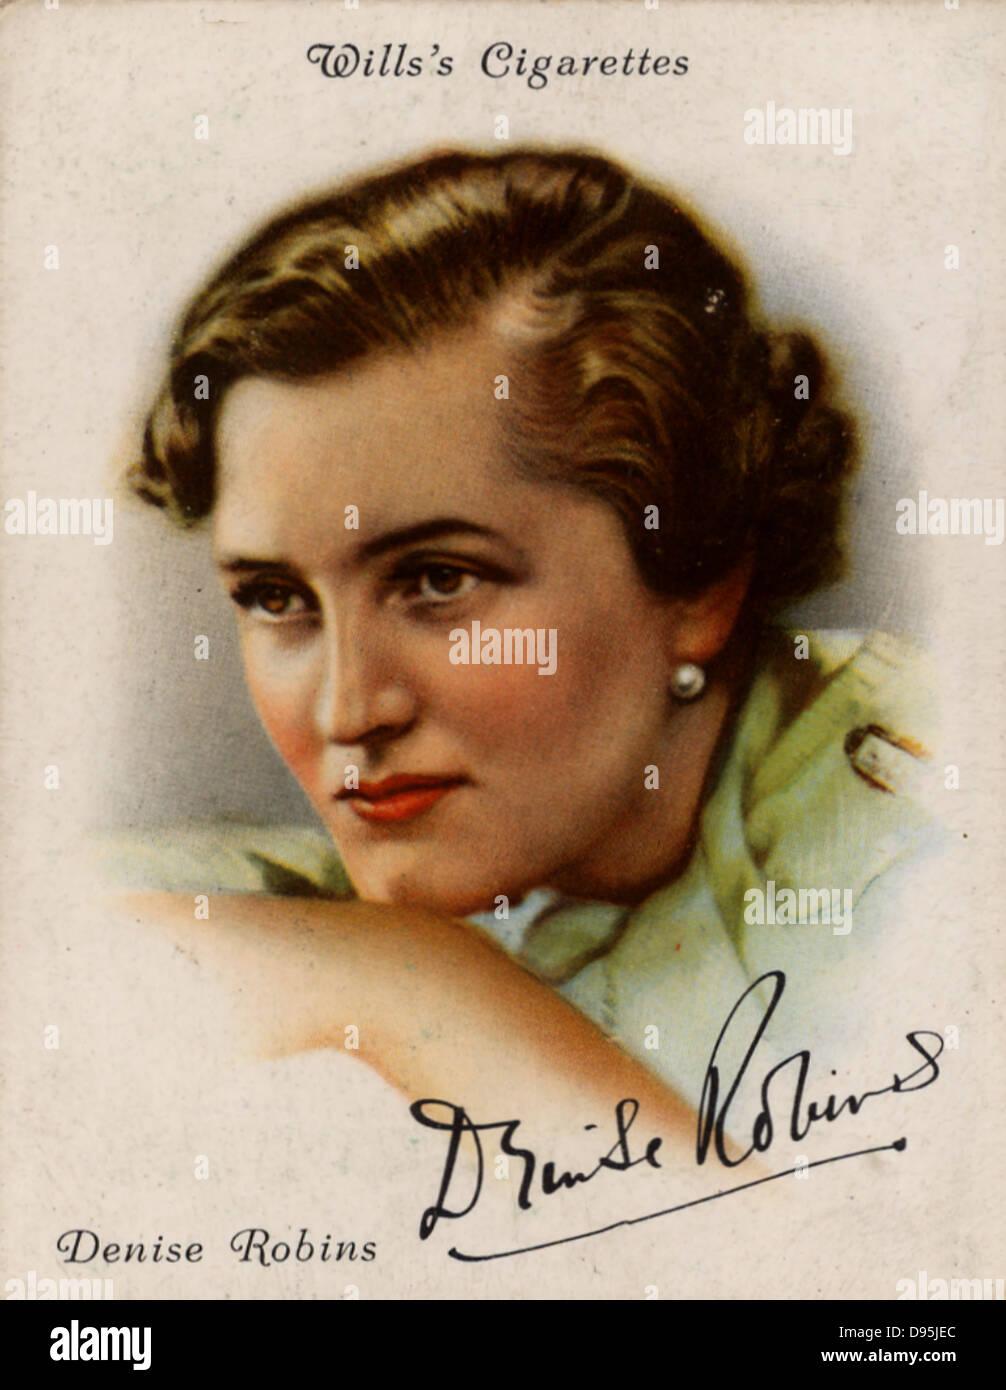 Denise Robins (1897-1985) British famoso romanziere, drammaturgo e breve storia scrittore. Da una serie di carte Immagini Stock